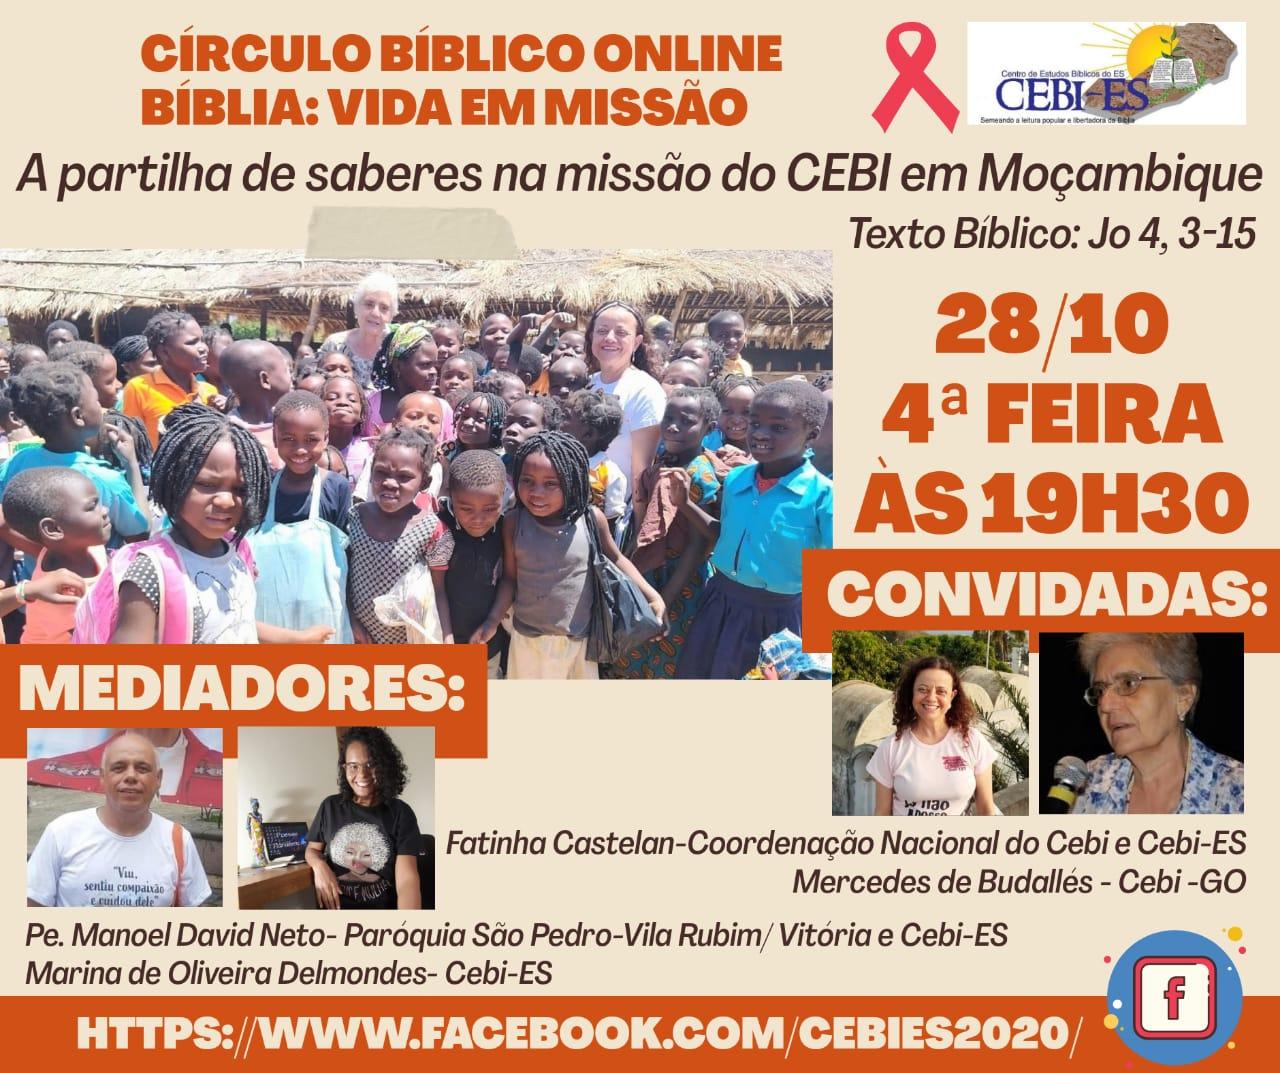 Círculo Bíblico do CEBI ES e a missão do CEBI em Moçambique